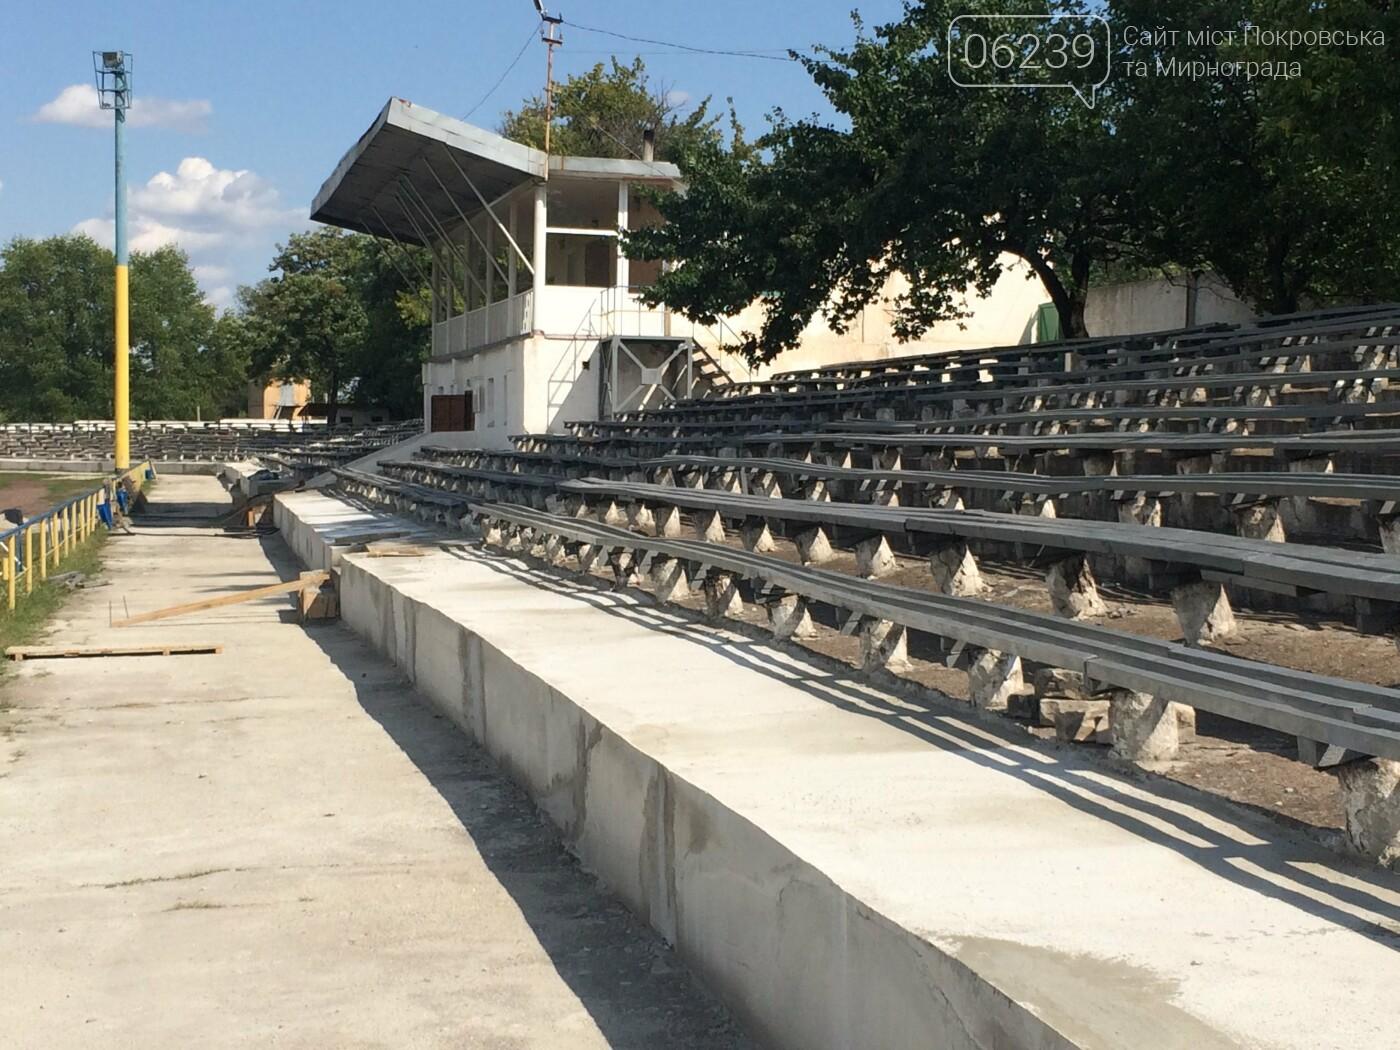 В Мирнограде ремонтируют стадион ко Дню шахтера и Дню города , фото-5